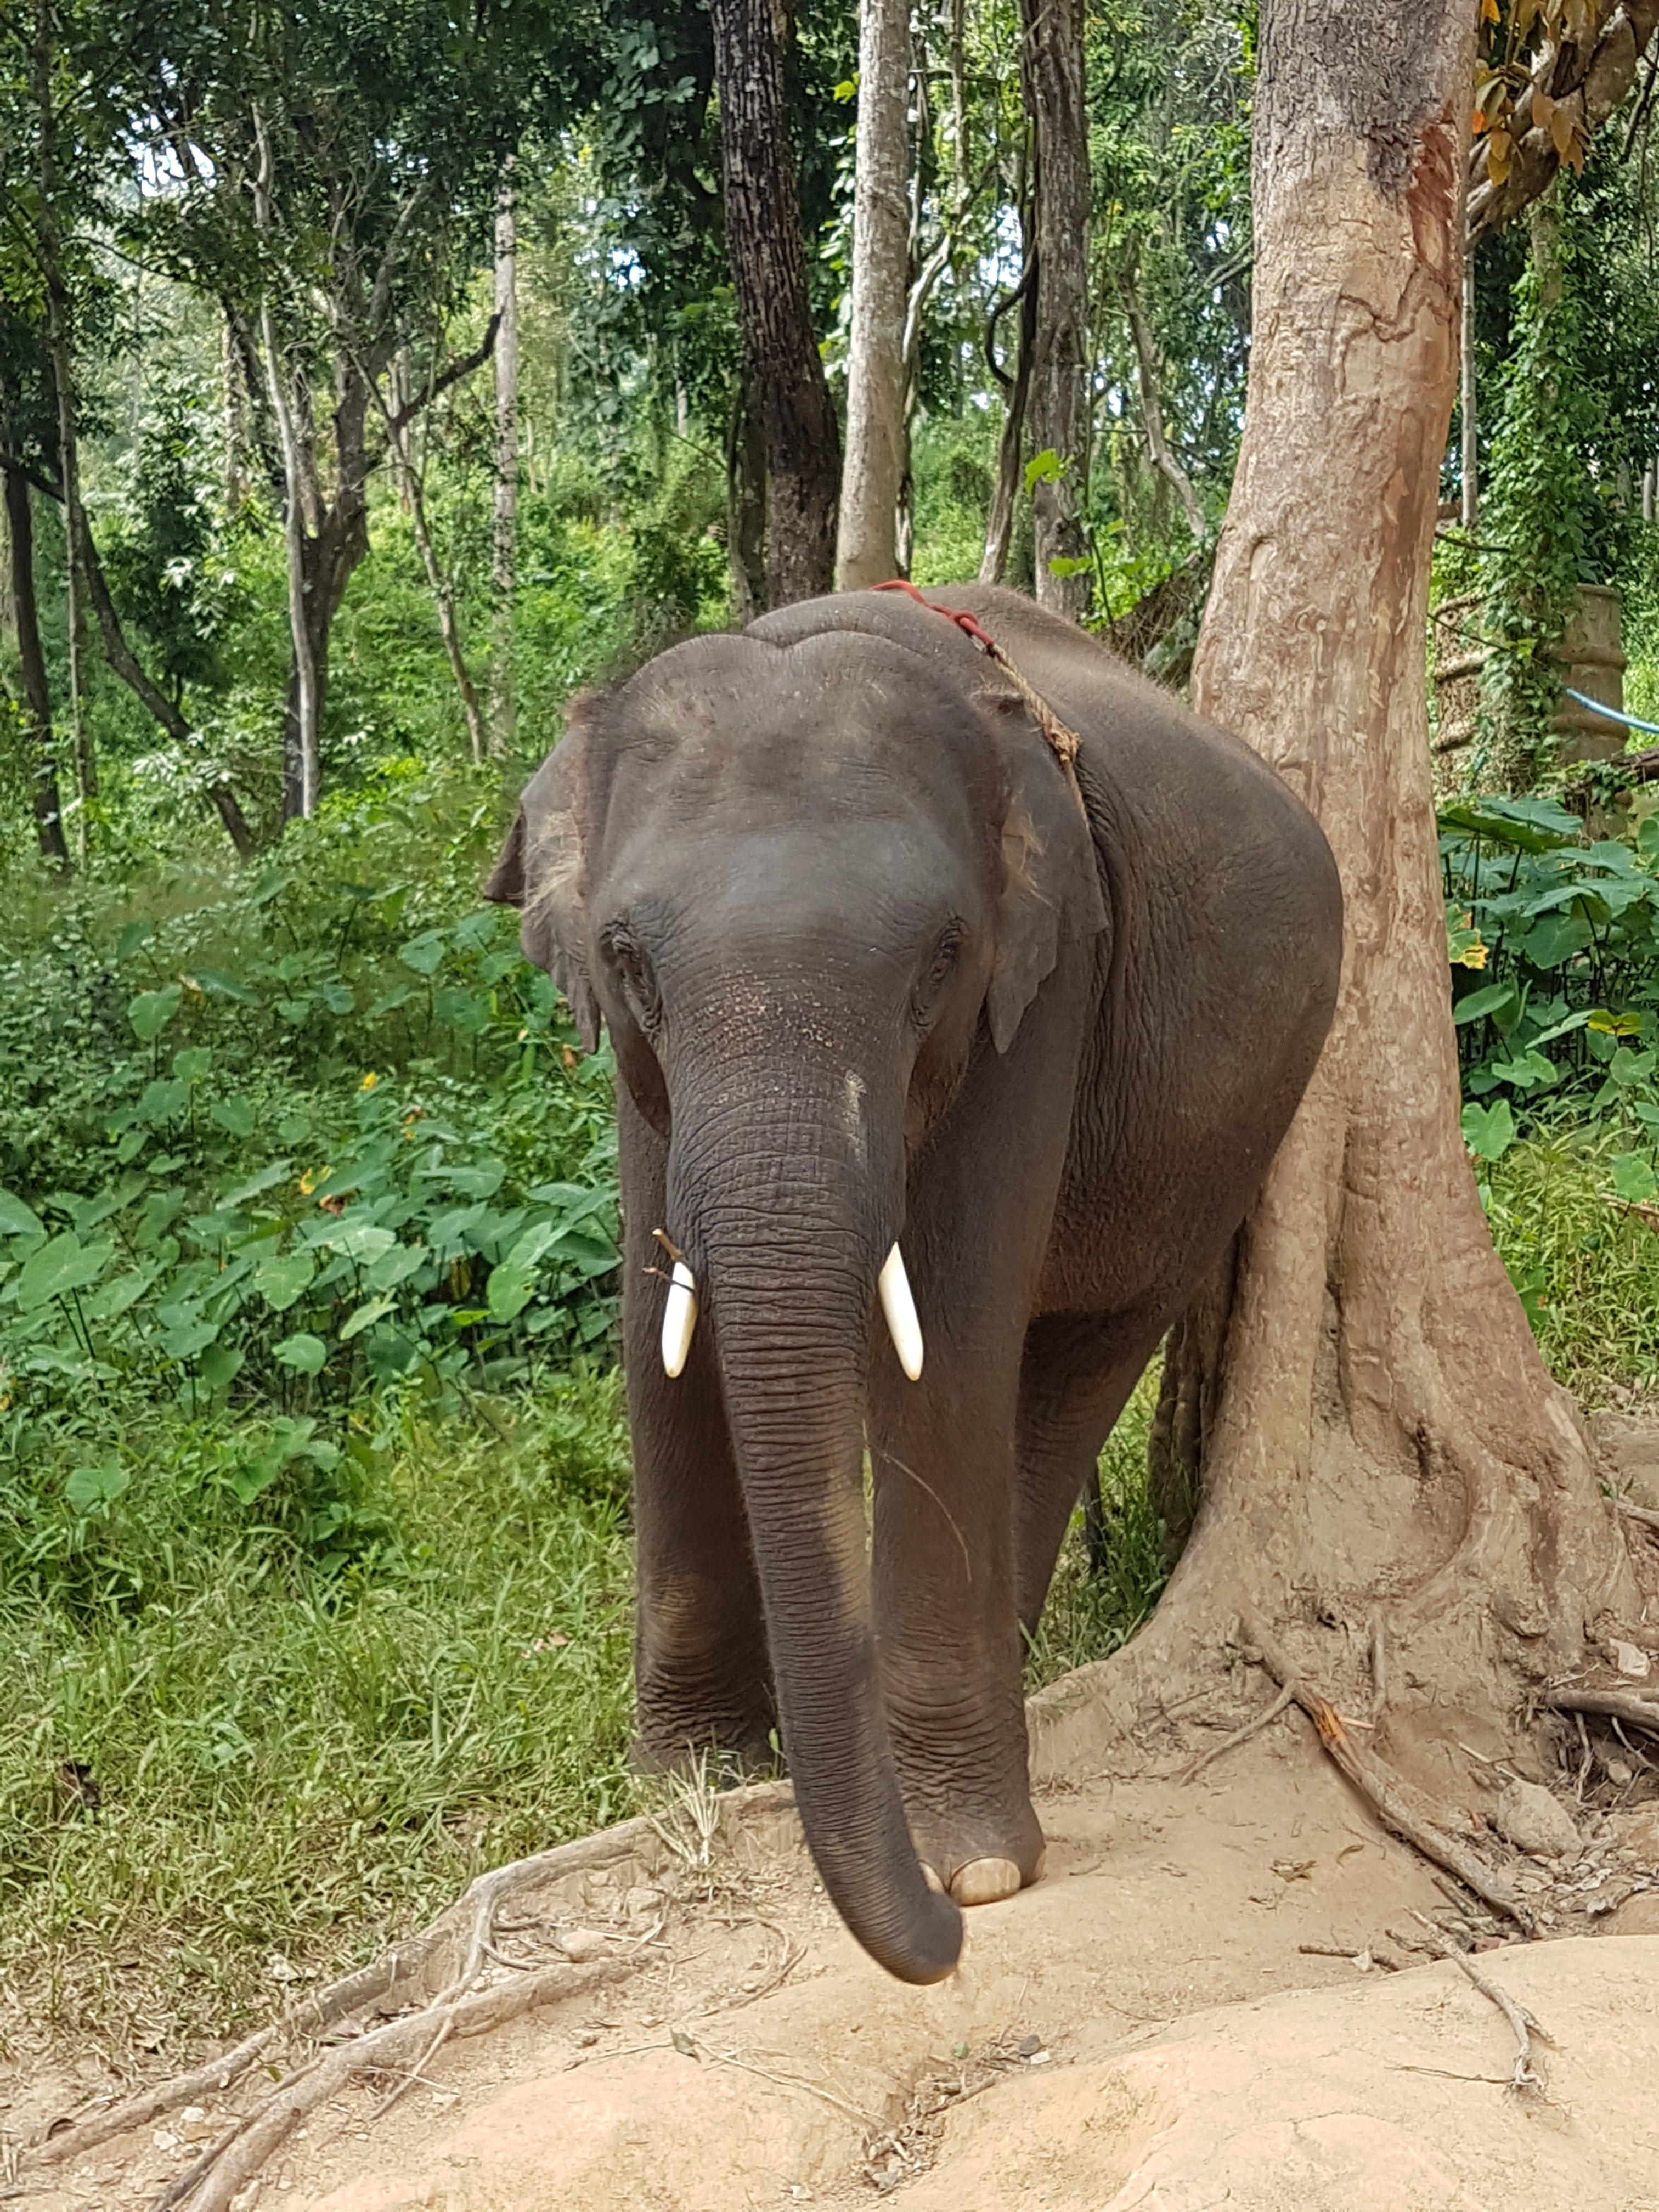 Thaïlande, tour en quad et rencontre imprévue avec les éléphants 🐘 11